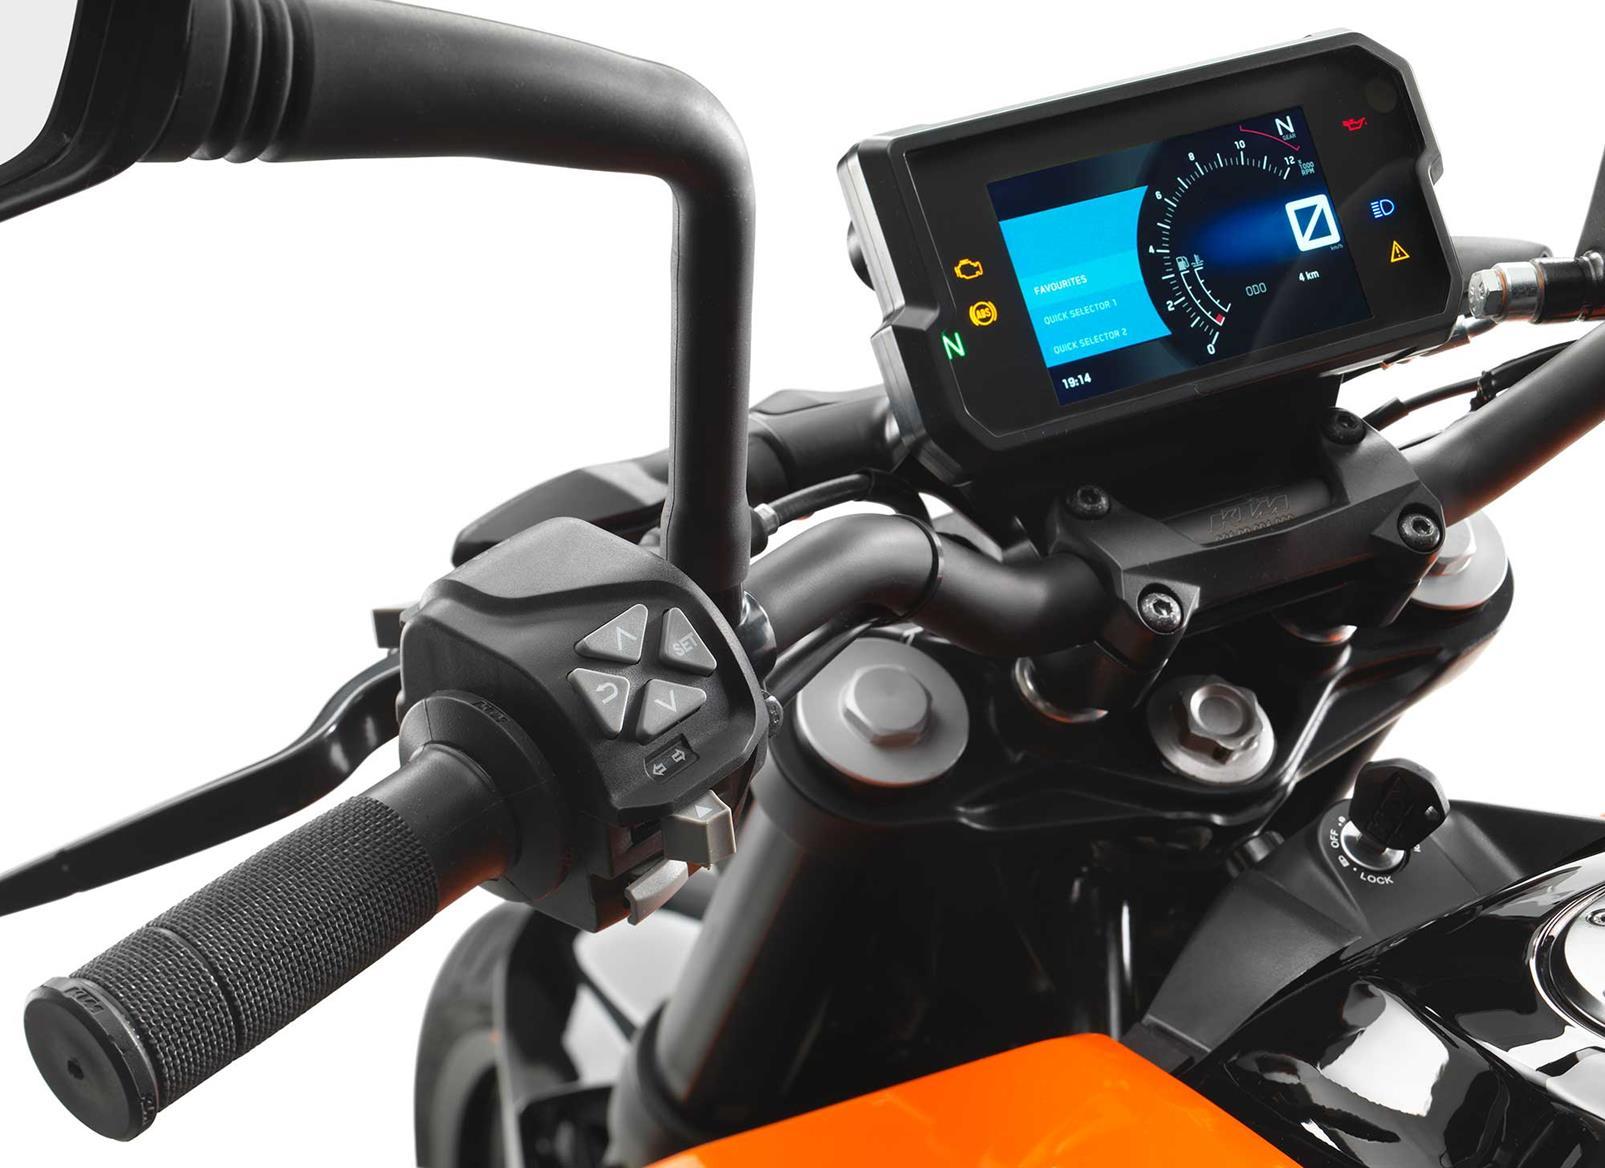 2017 125cc bike of the year: KTM 125 Duke | MCN